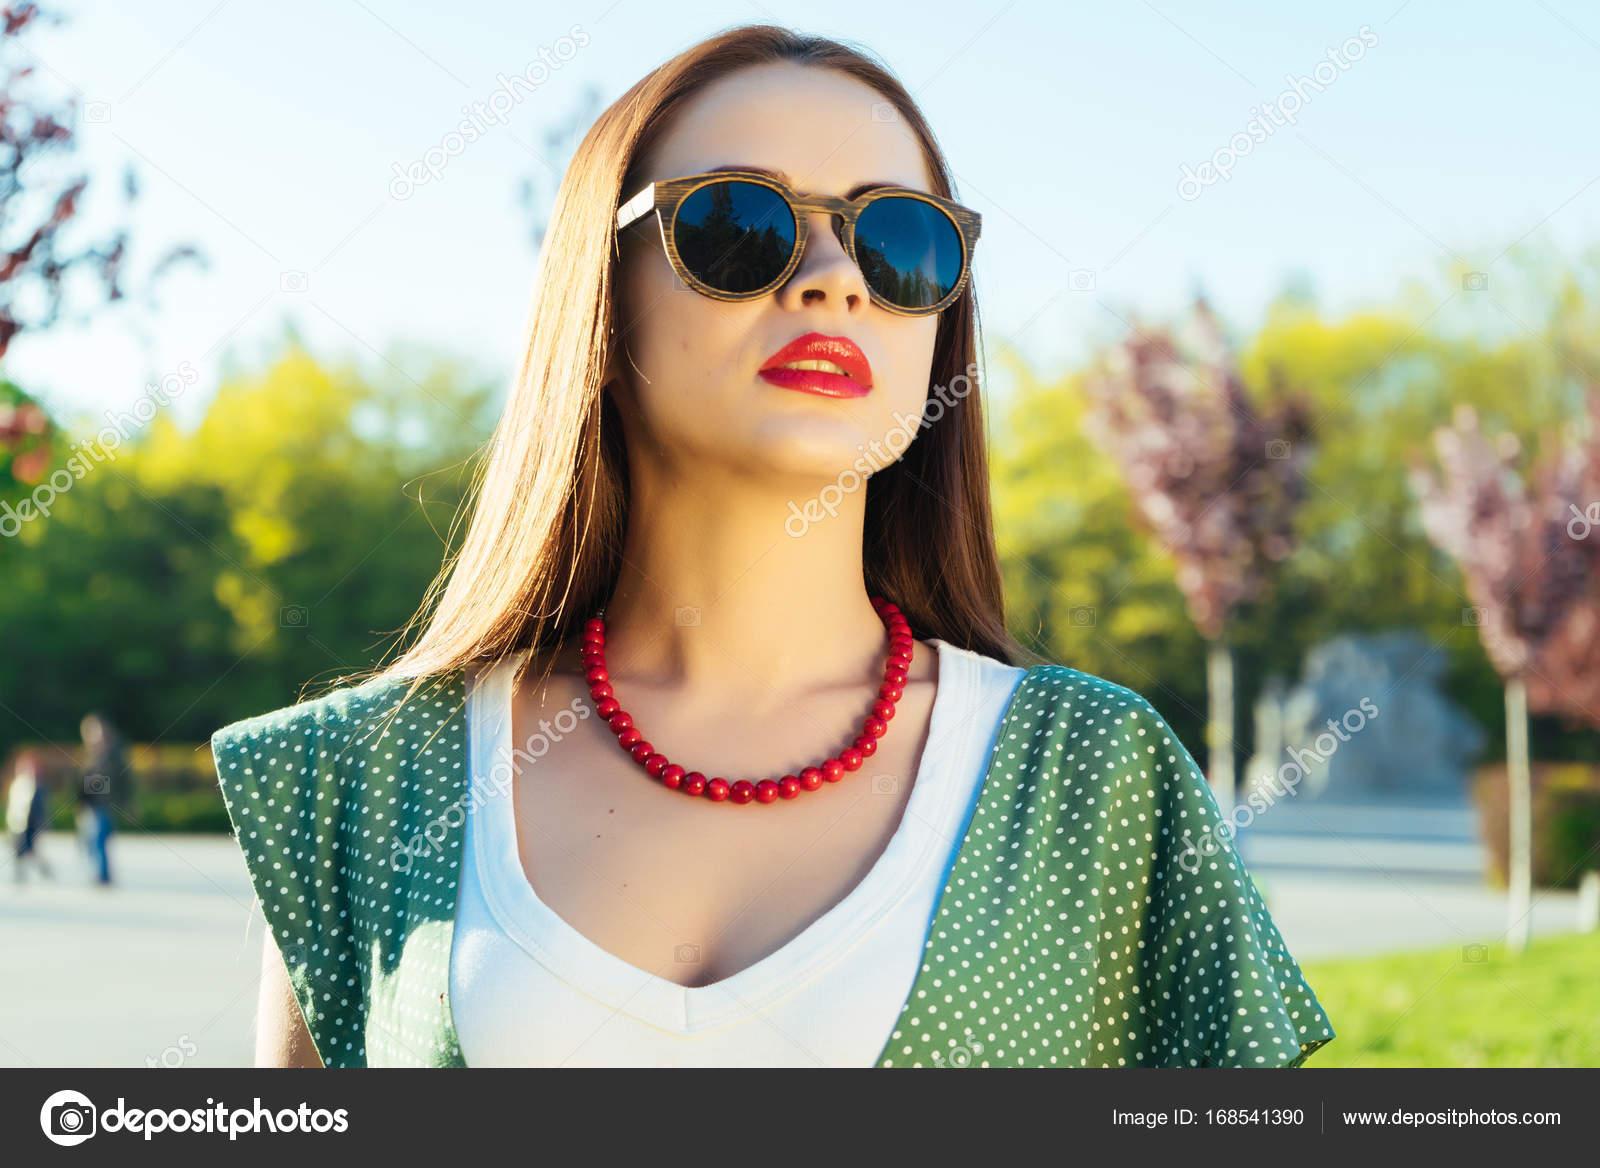 selezione migliore 0be8c 18ffe Donna gioiosa moda stile in bicchieri. Ragazza con occhiali ...